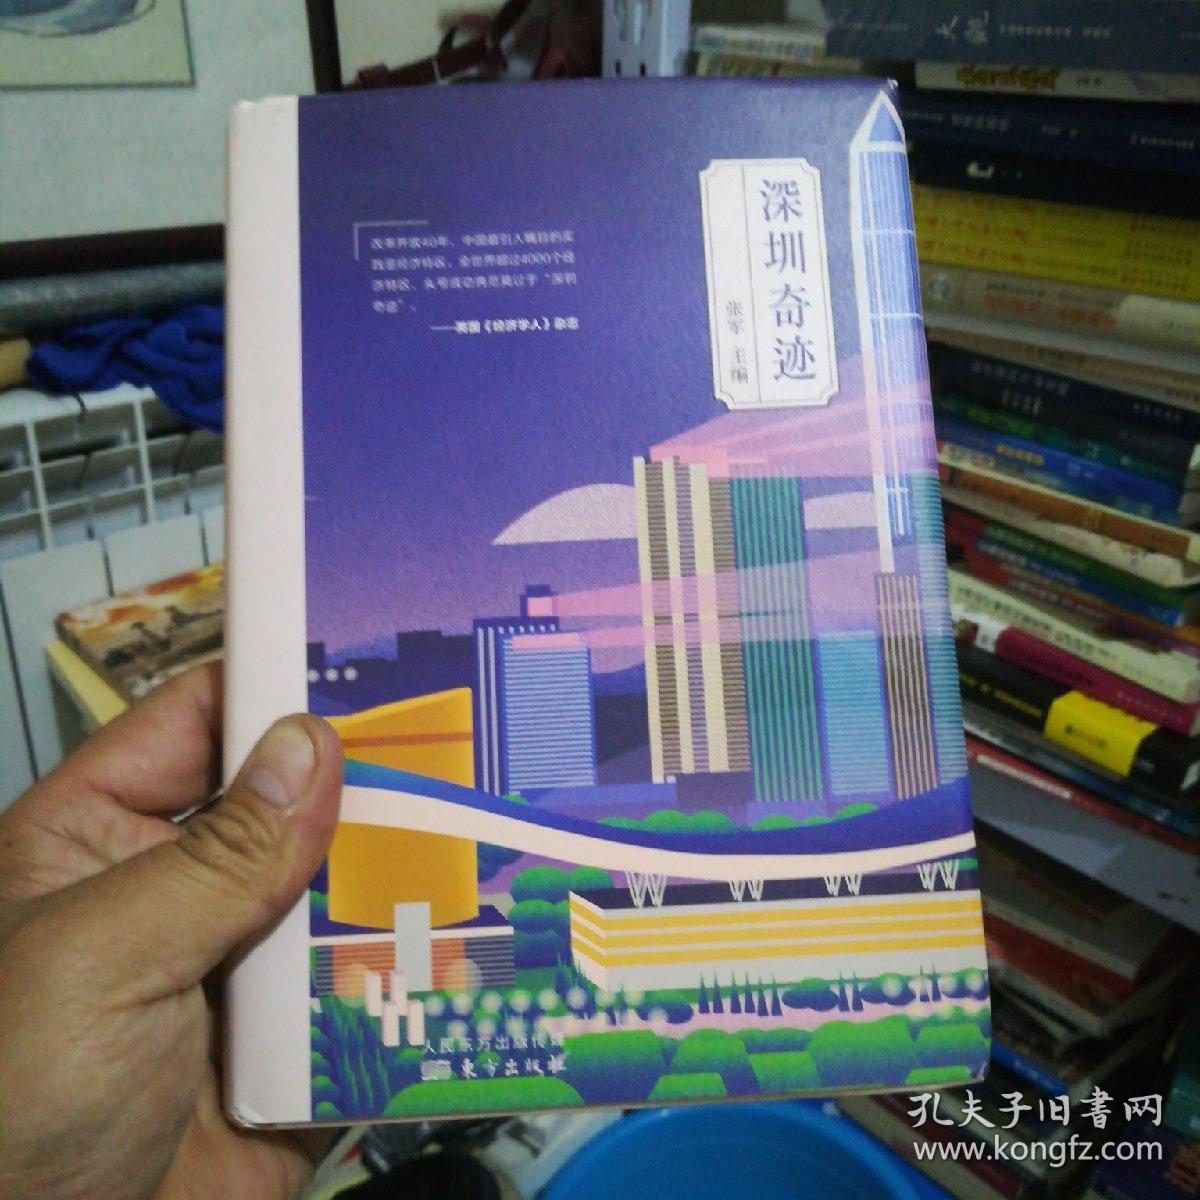 深圳奇迹(32开精装),